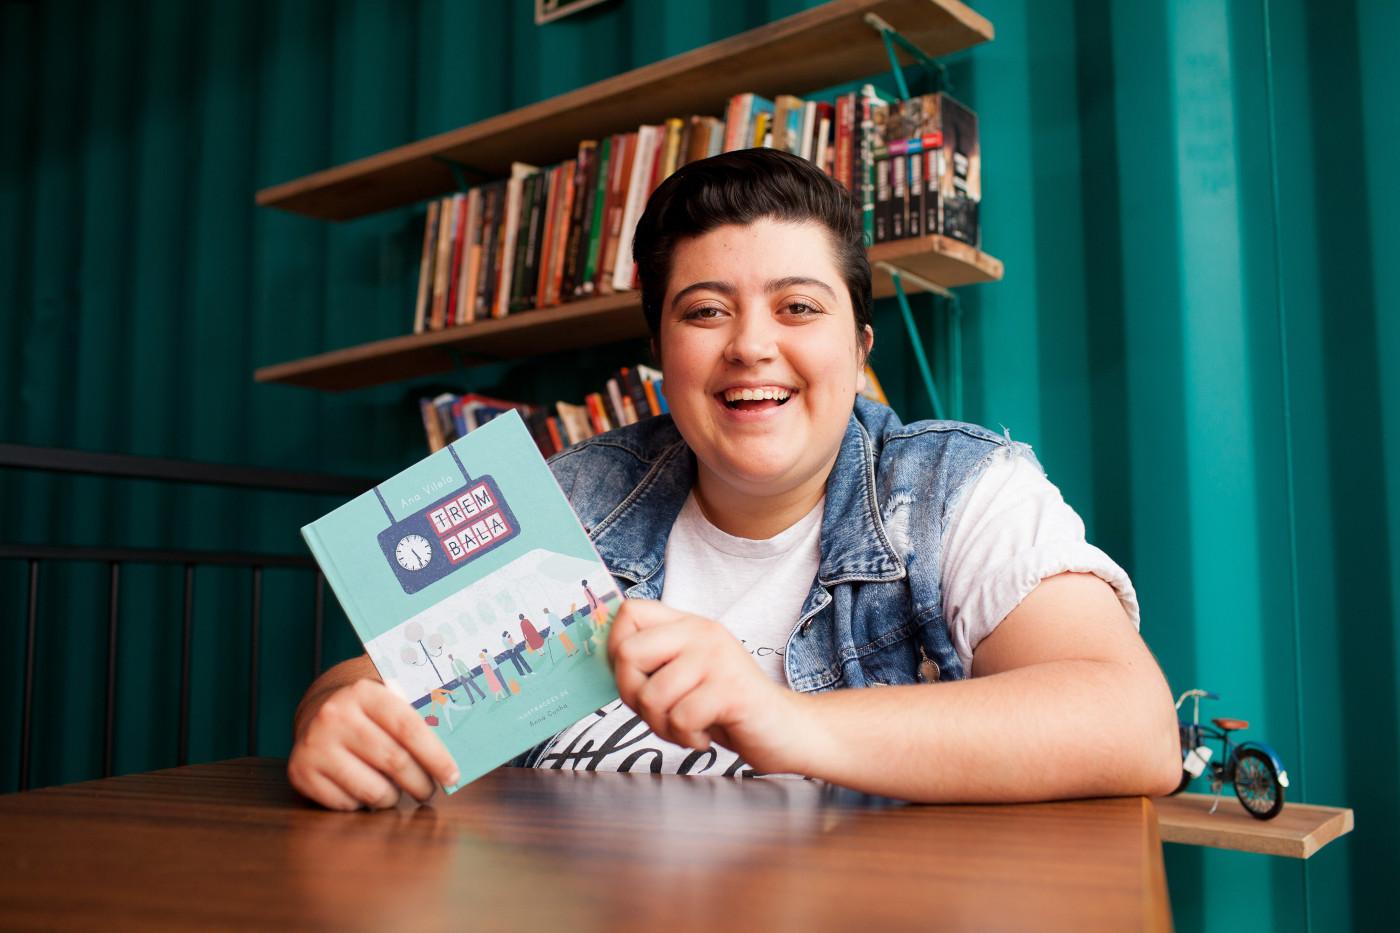 O lançamento da obra na Livrarias Curitiba terá a distribuição antecipada de 150 senhas. Foto: Divulgação